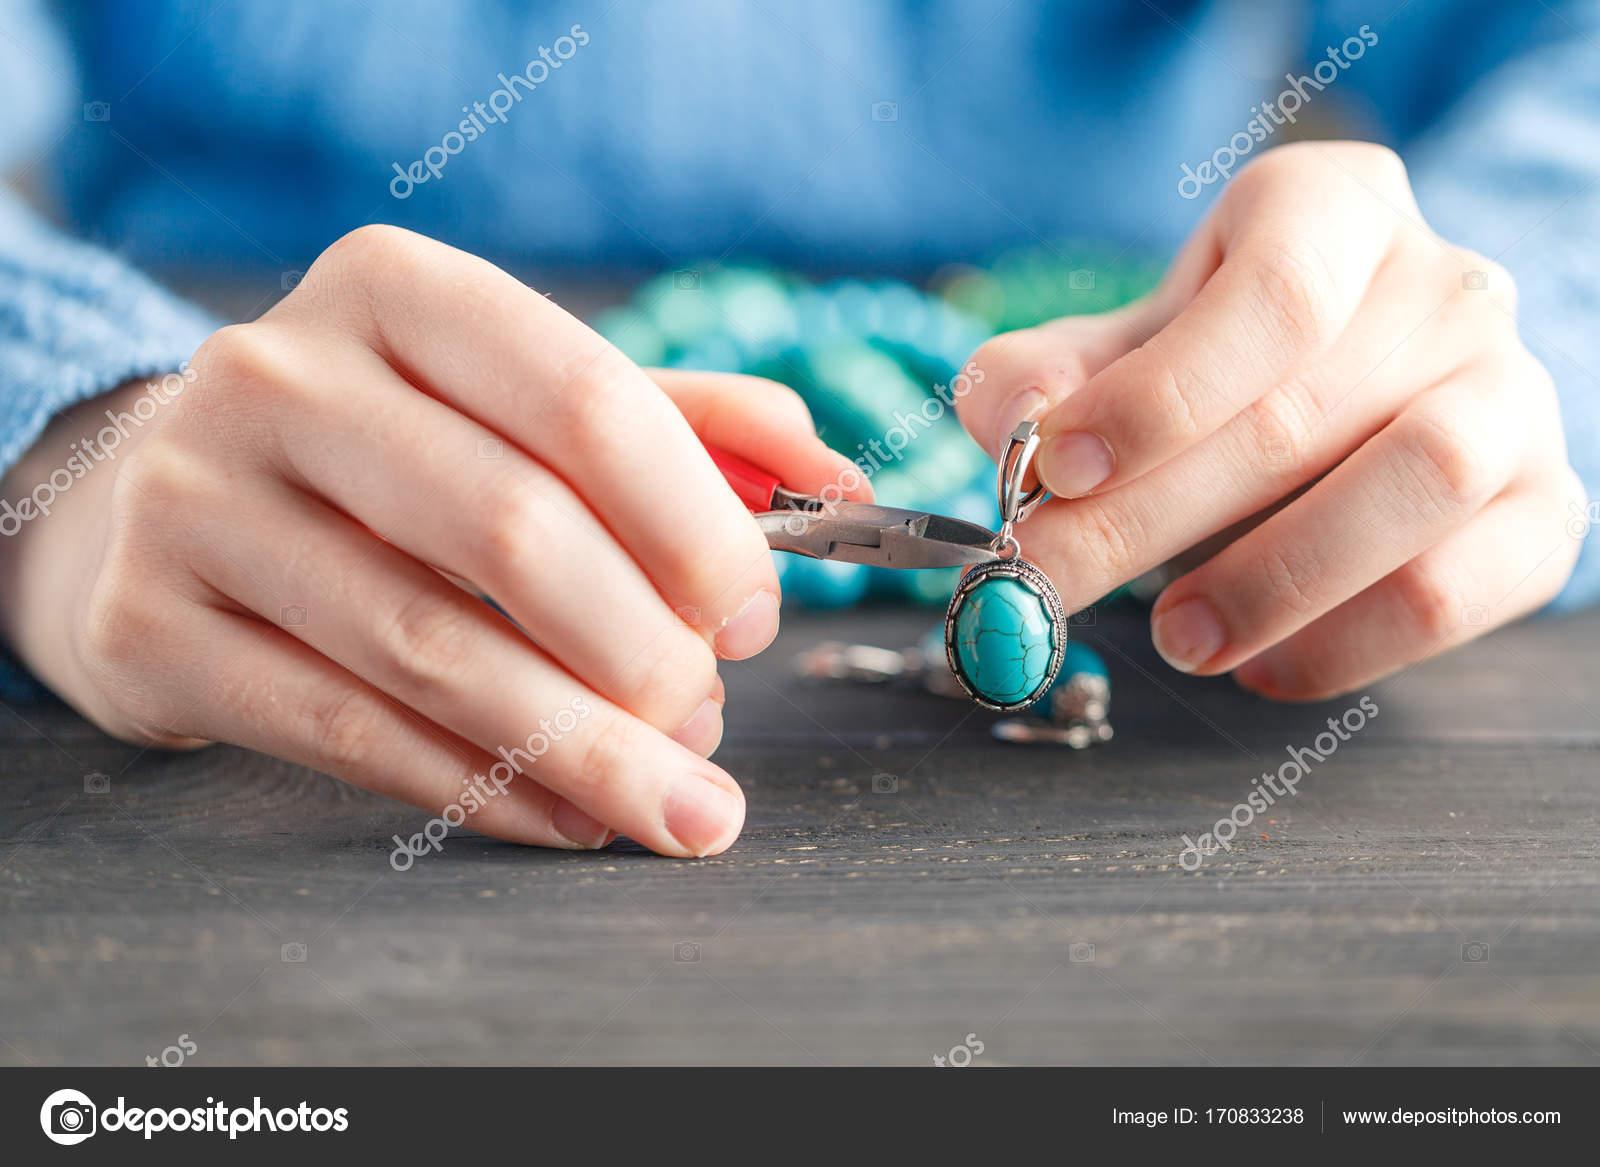 Handmade Earrings Making Home Workshop Woman Artisan Create Tassel